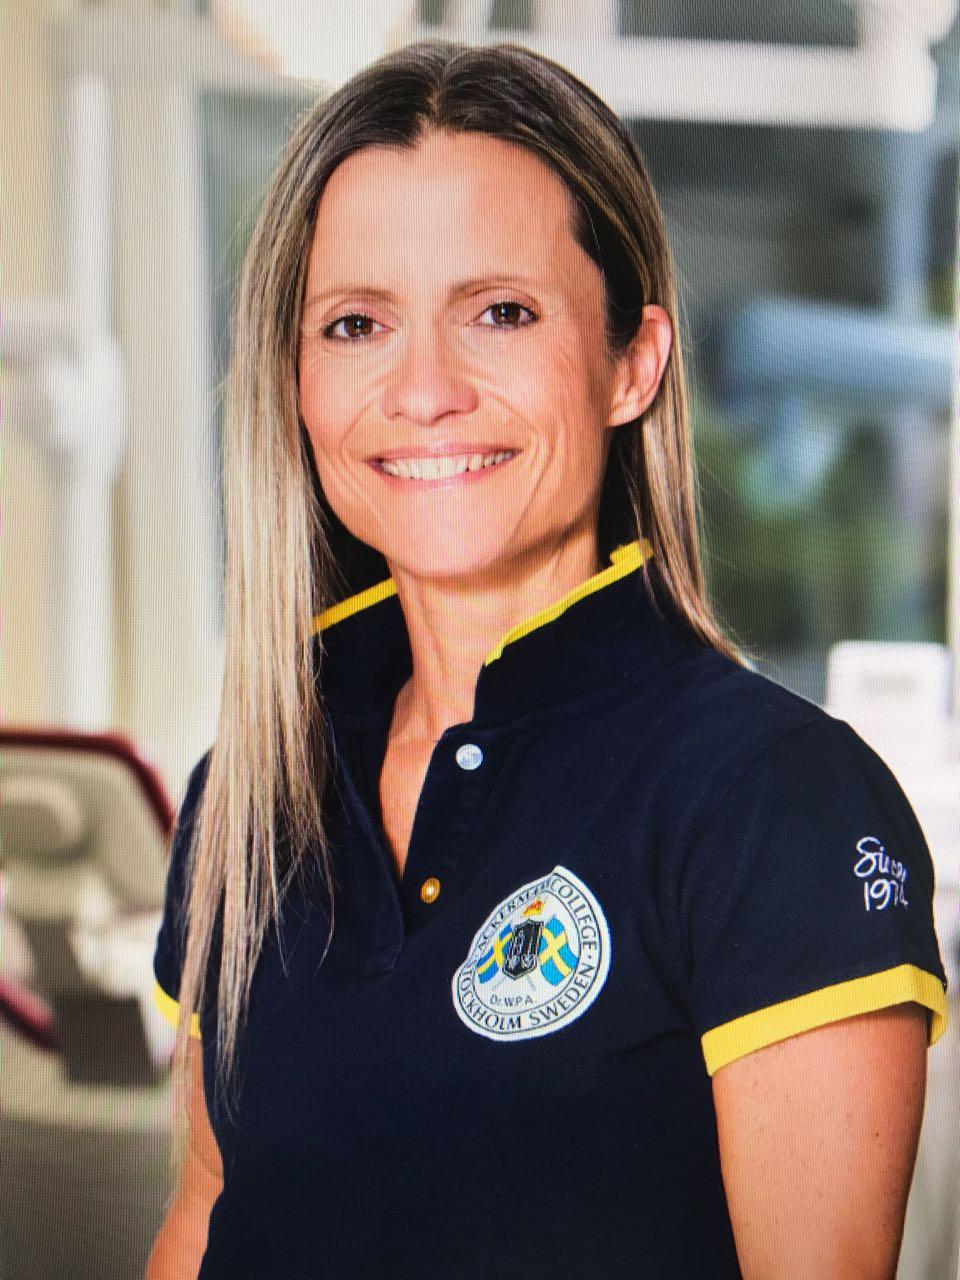 Nicole Erley